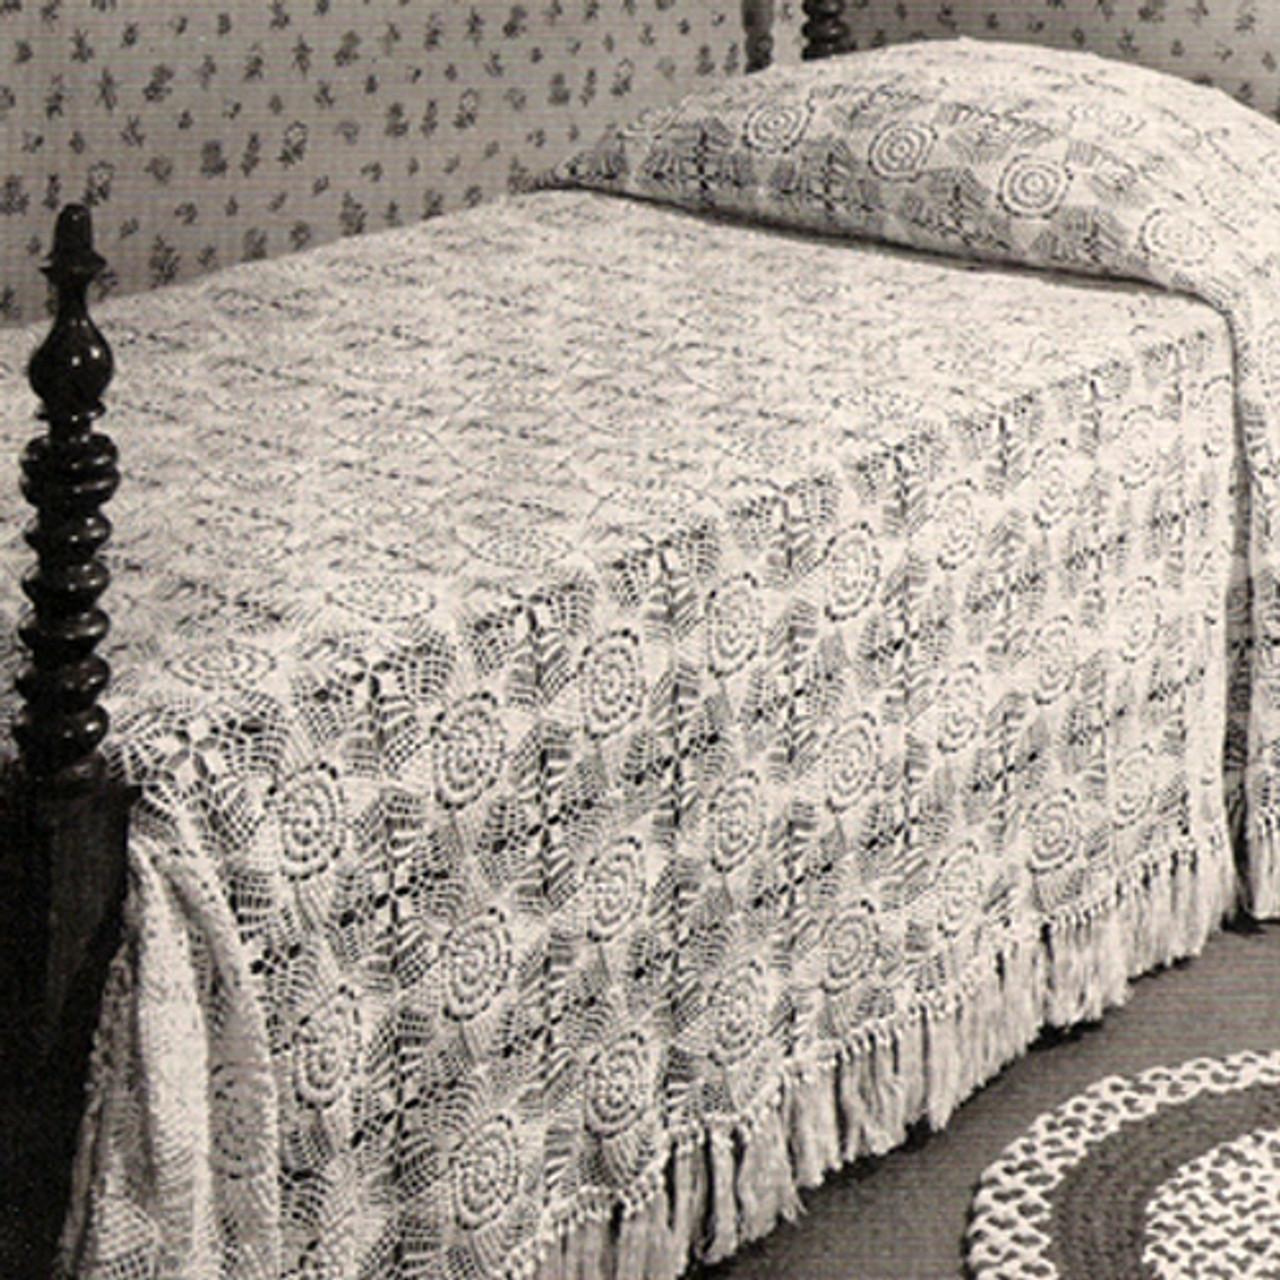 Flower Motif Crochet Bedspread Pattern, Snow White